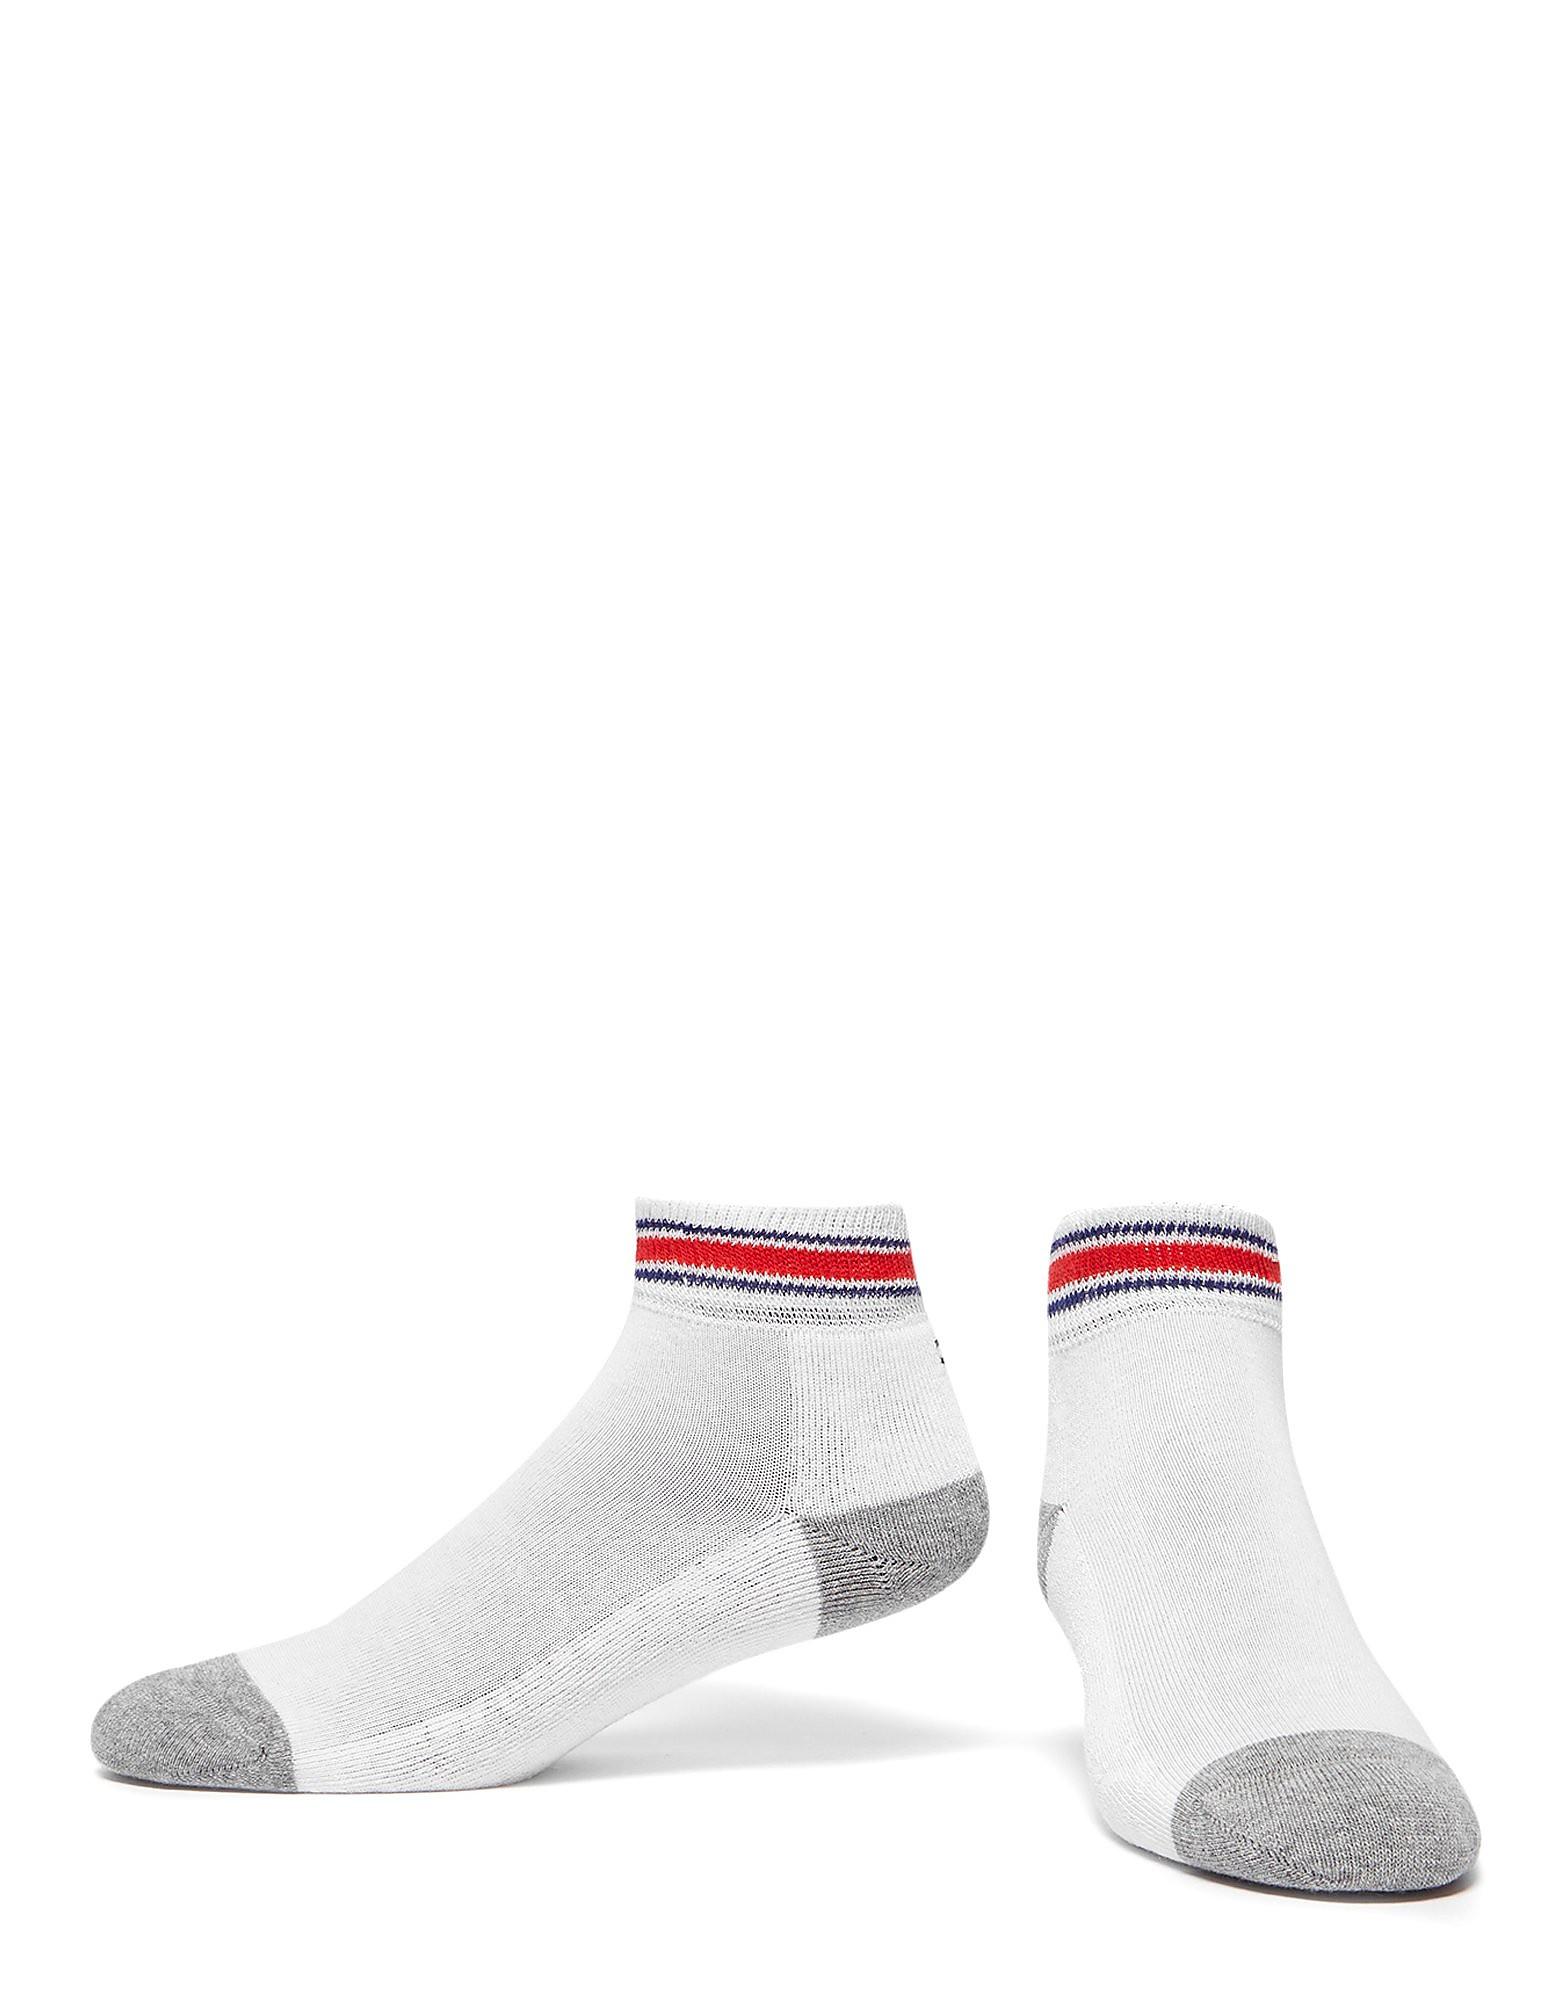 Tommy Hilfiger 2 Pack Iconic Quarter Socks Junior